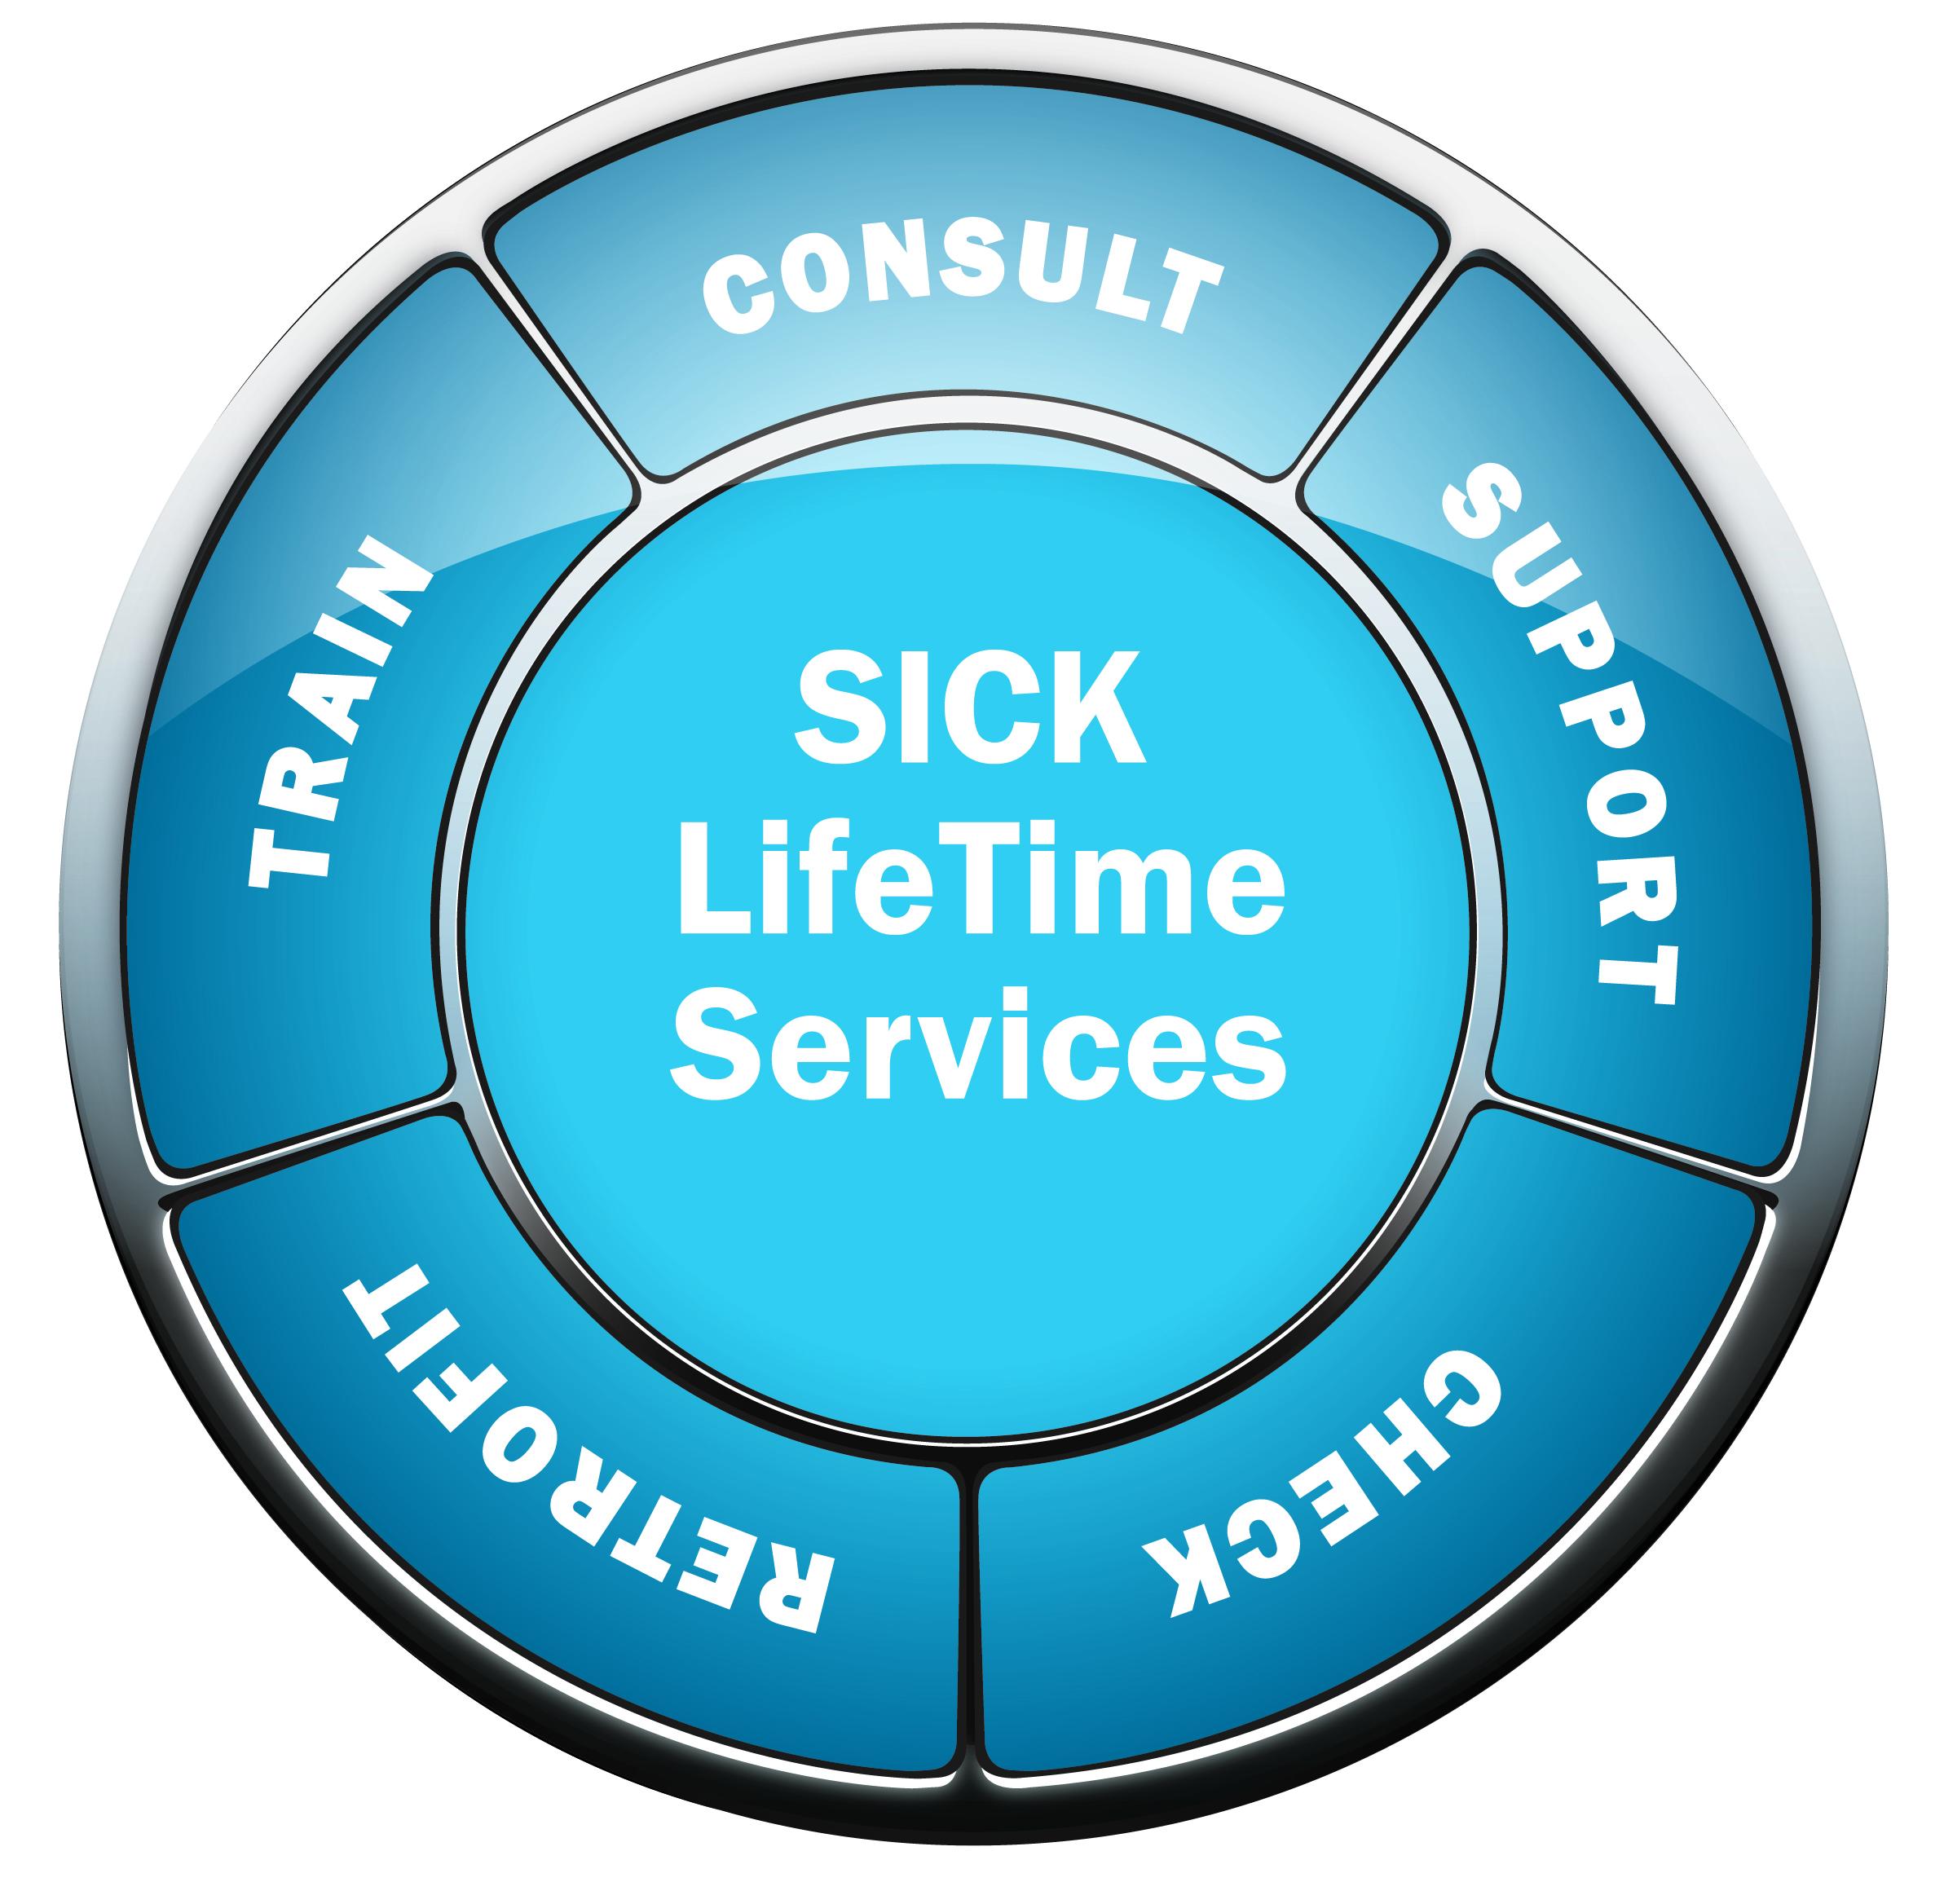 Der Digitale Wartungsmanager bietet die Möglichkeit, die gesamte Sick-Feldinstrumentierung zu verwalten, zu visualisieren und in ein durchgängiges Wartungs- und Dokumentationsmanagement zu integrieren. Wartungsarbeiten können so vorausschauend geplant und durchgeführt werden.